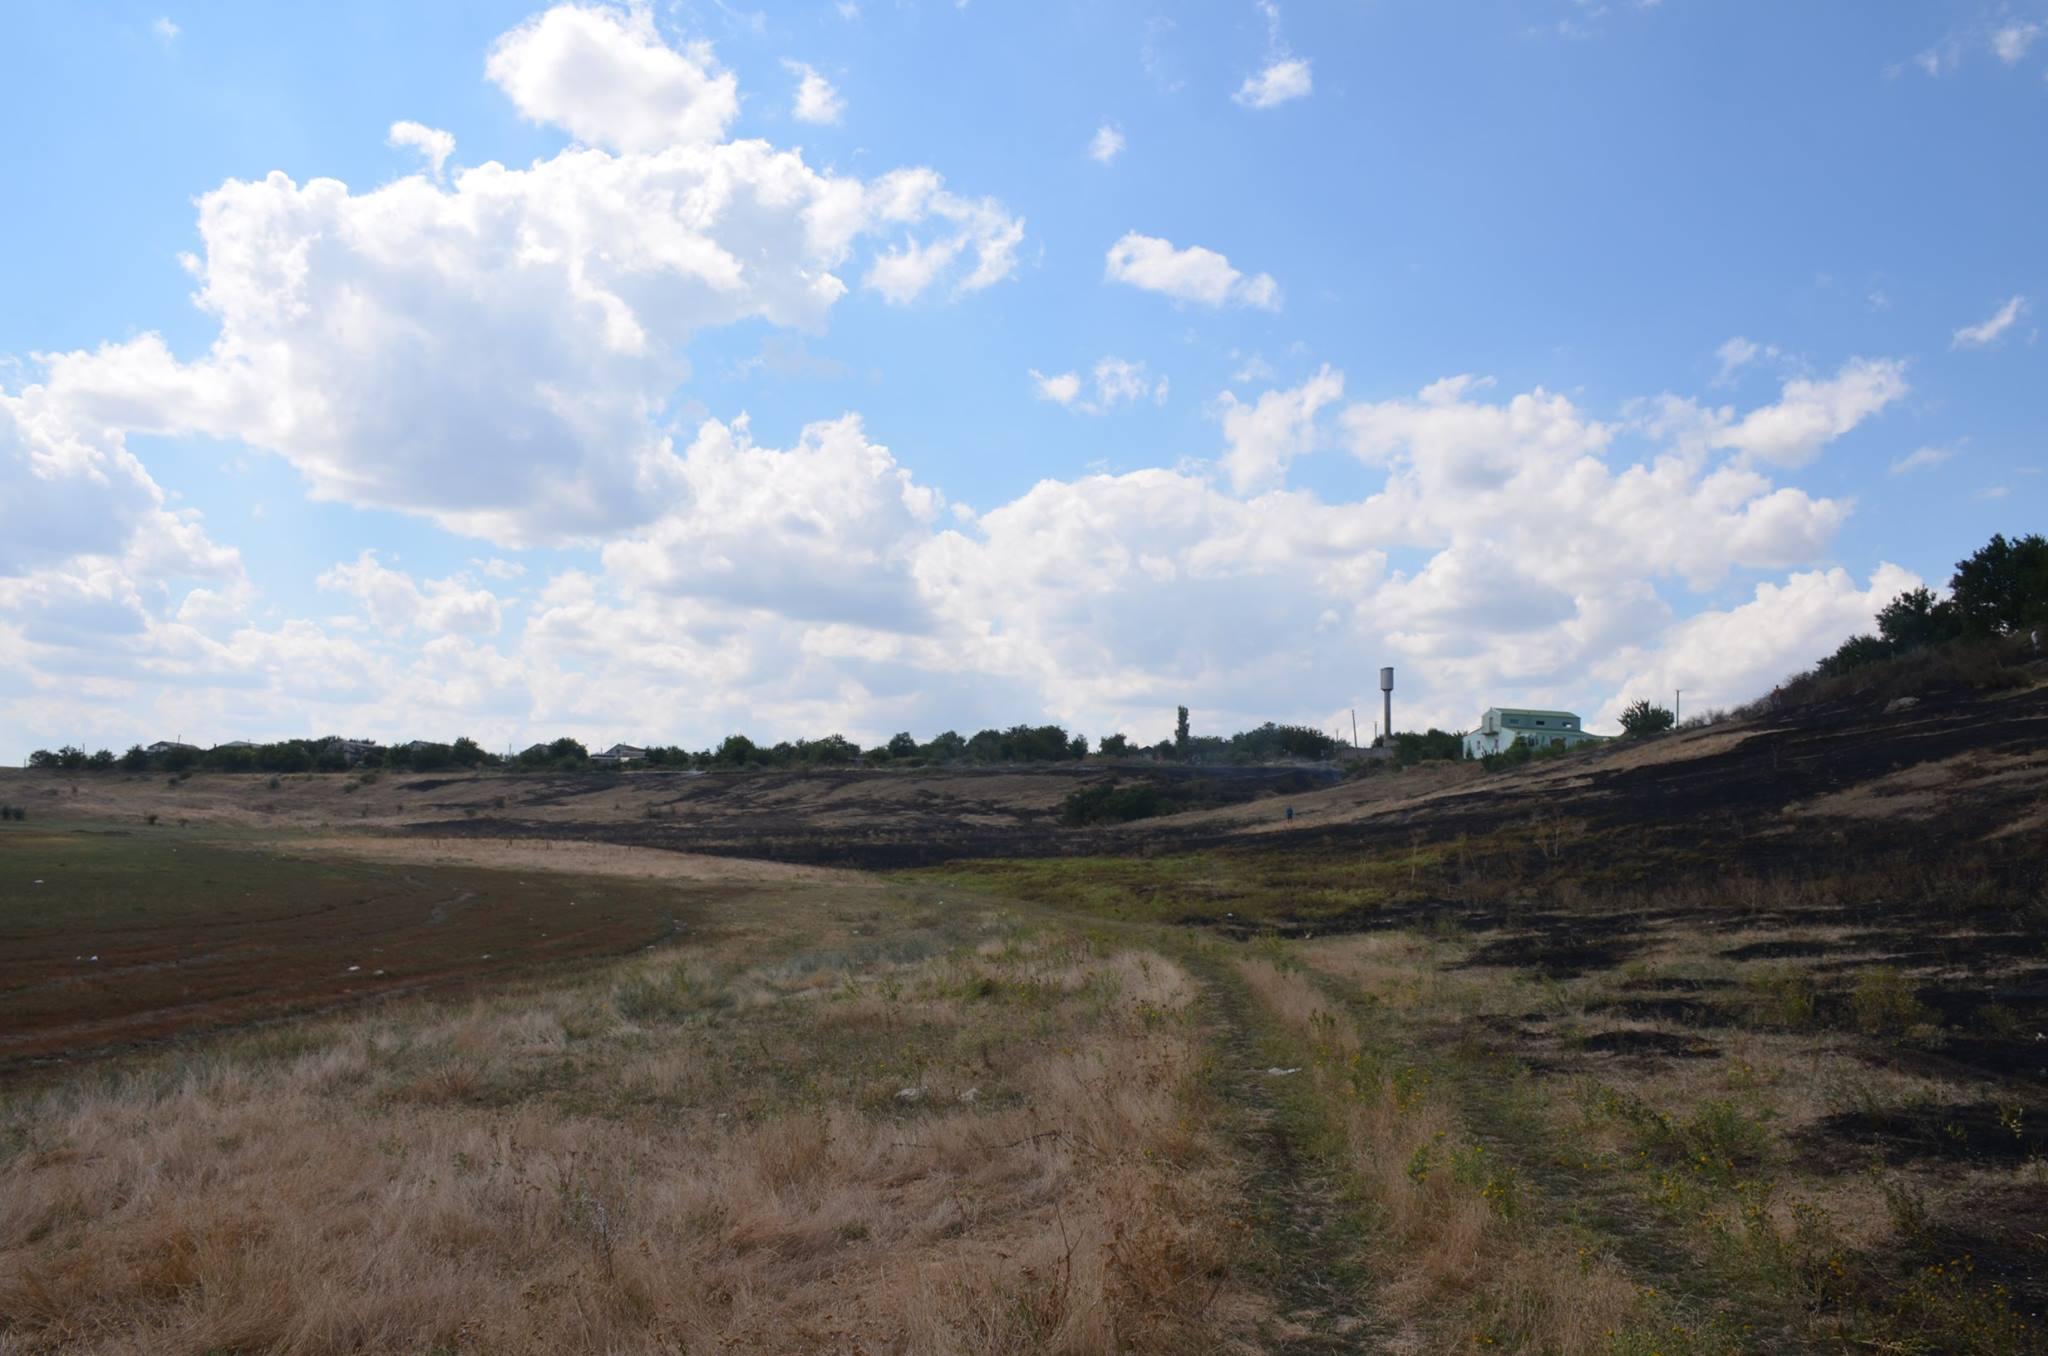 На Миколаївщині через пожежу сухостою загорілись сараї та житловий будинок - фото 1